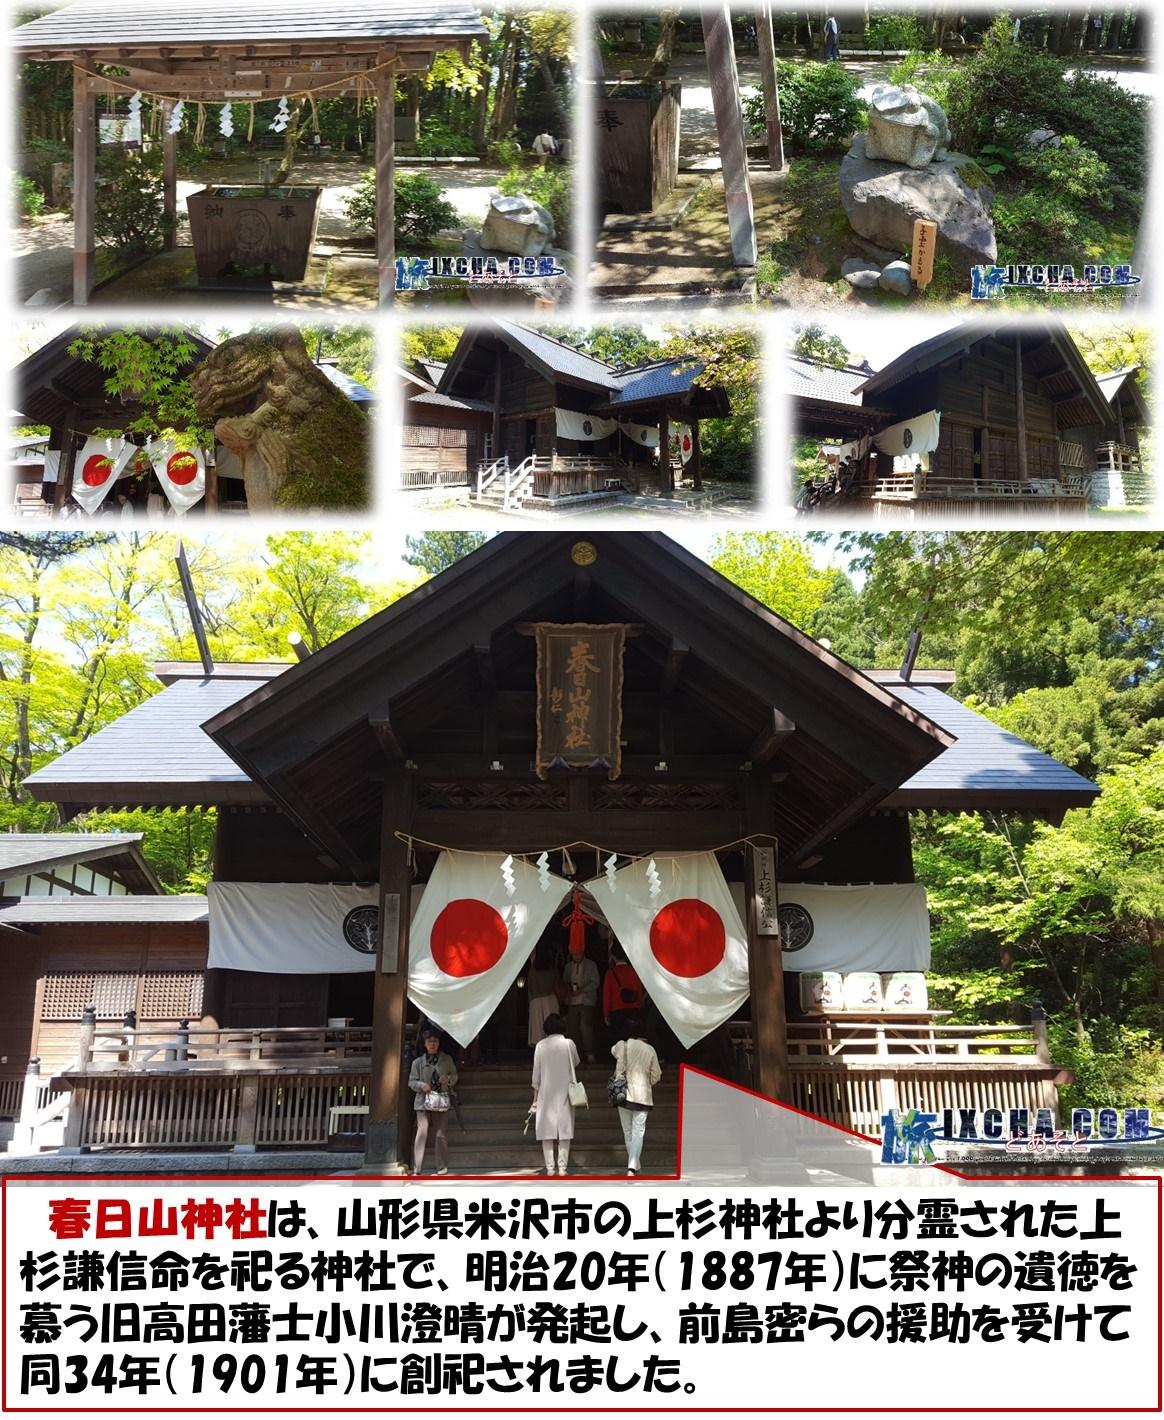 春日山神社は、山形県米沢市の上杉神社より分霊された上杉謙信命を祀る神社で、明治20年(1887年)に祭神の遺徳を慕う旧高田藩士小川澄晴が発起し、前島密らの援助を受けて同34年(1901年)に創祀されました。